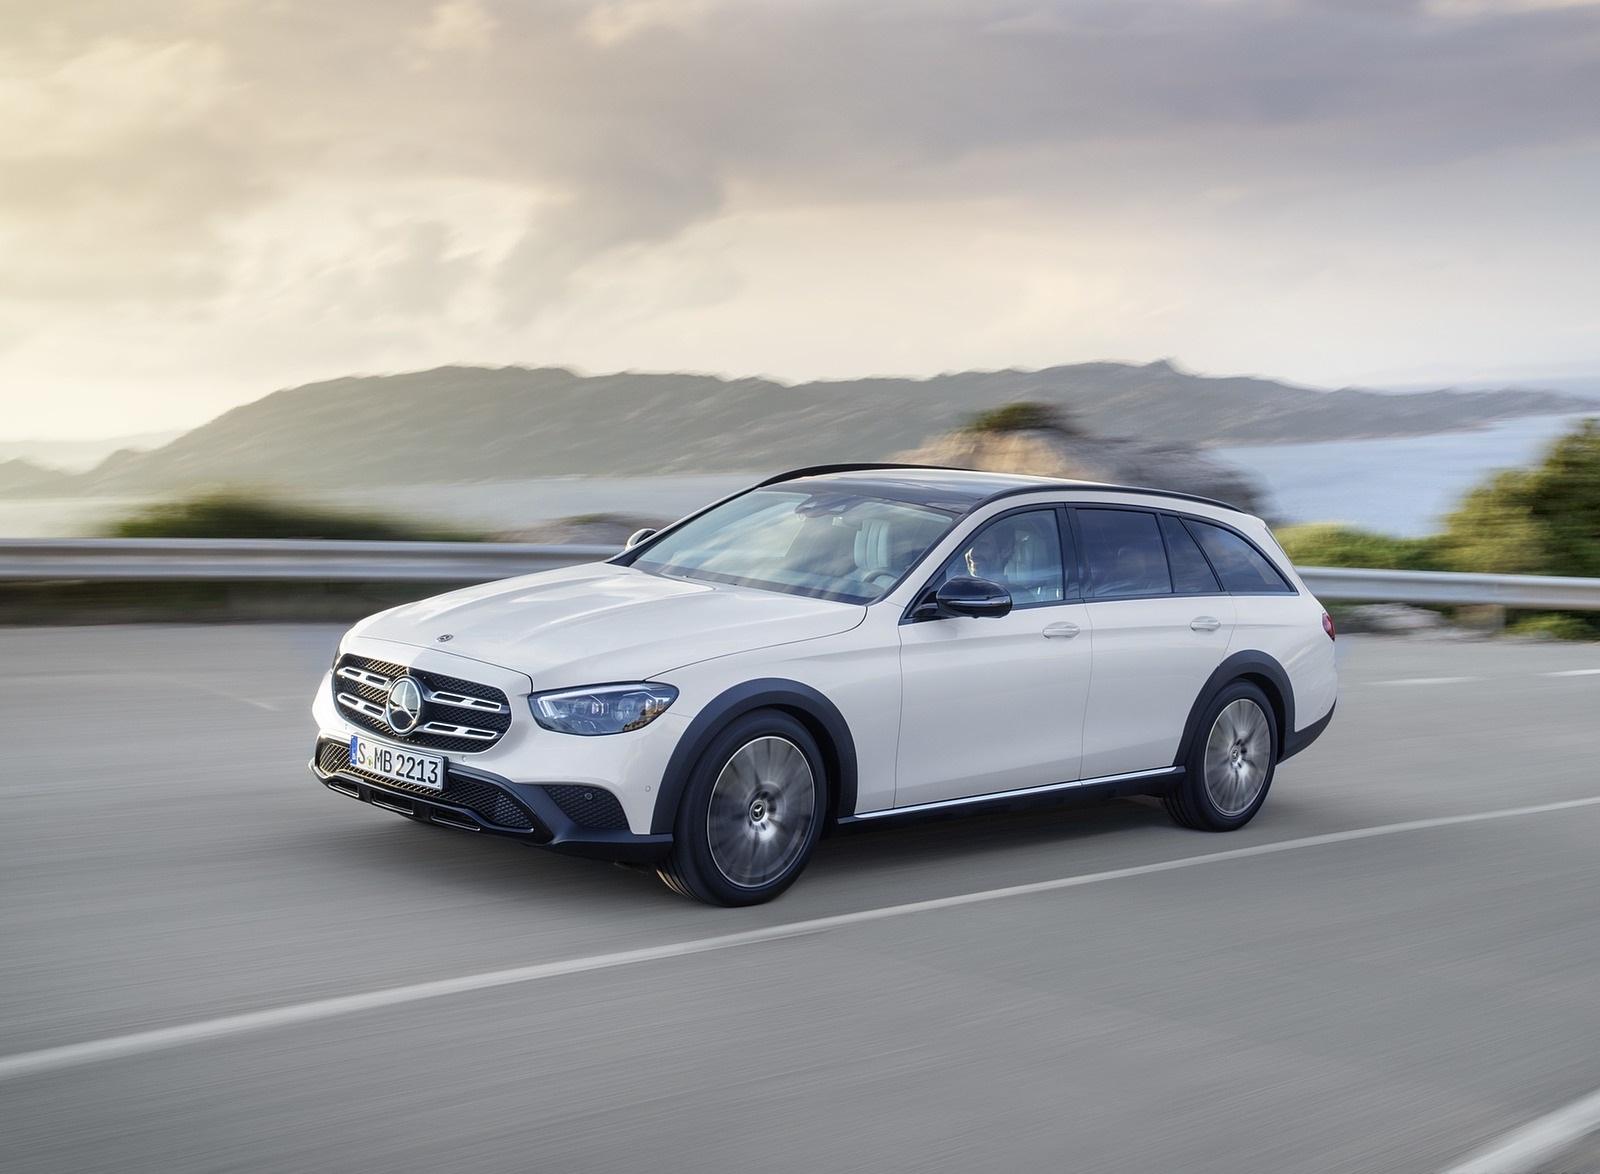 2021 Mercedes-Benz E-Class All-Terrain Line Avantgarde (Color: Designo Diamond White Bright) Front Three-Quarter Wallpapers (4)